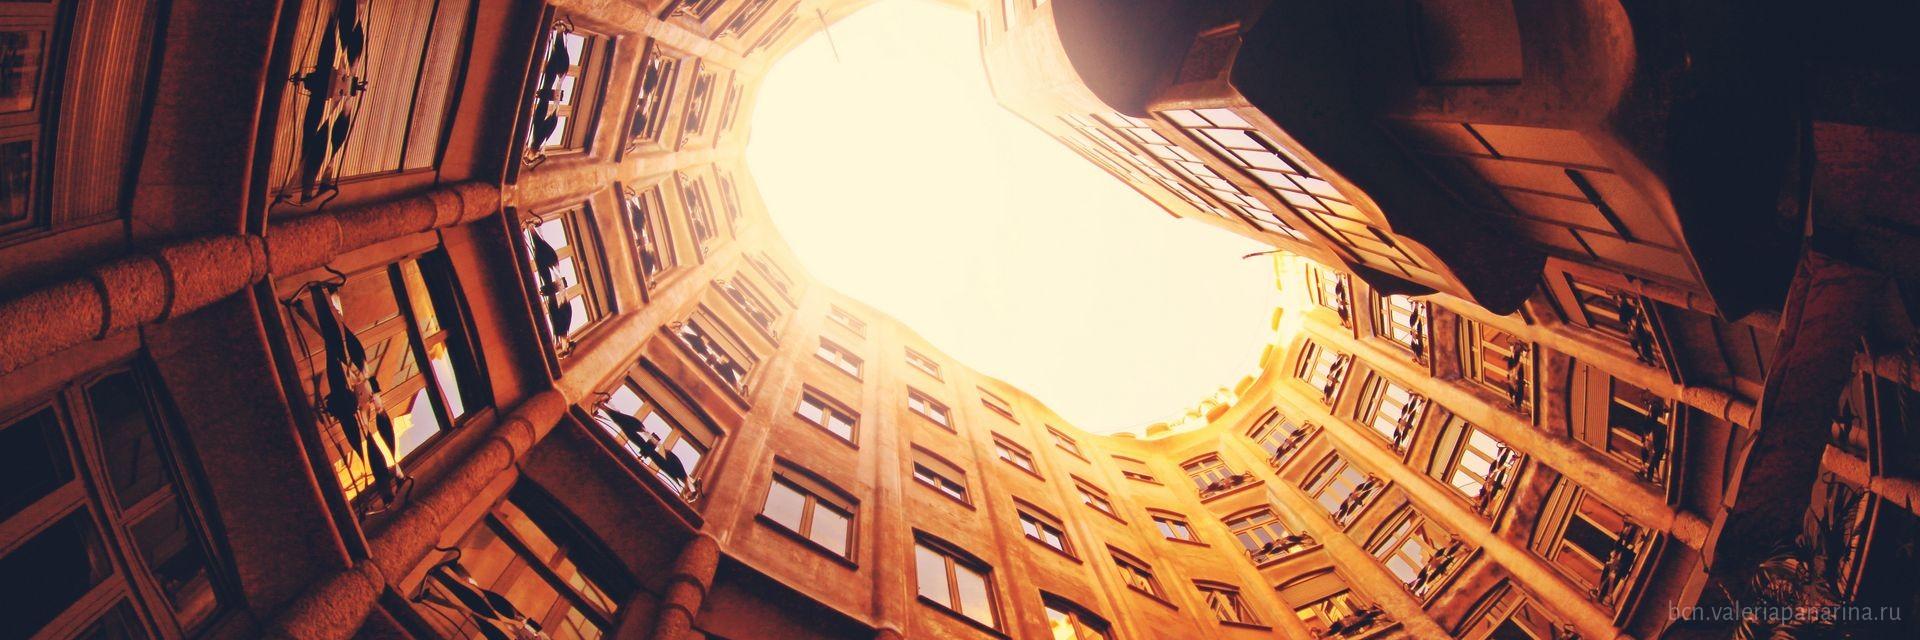 Центр наук и грандиозной архитектруры в Валенсии